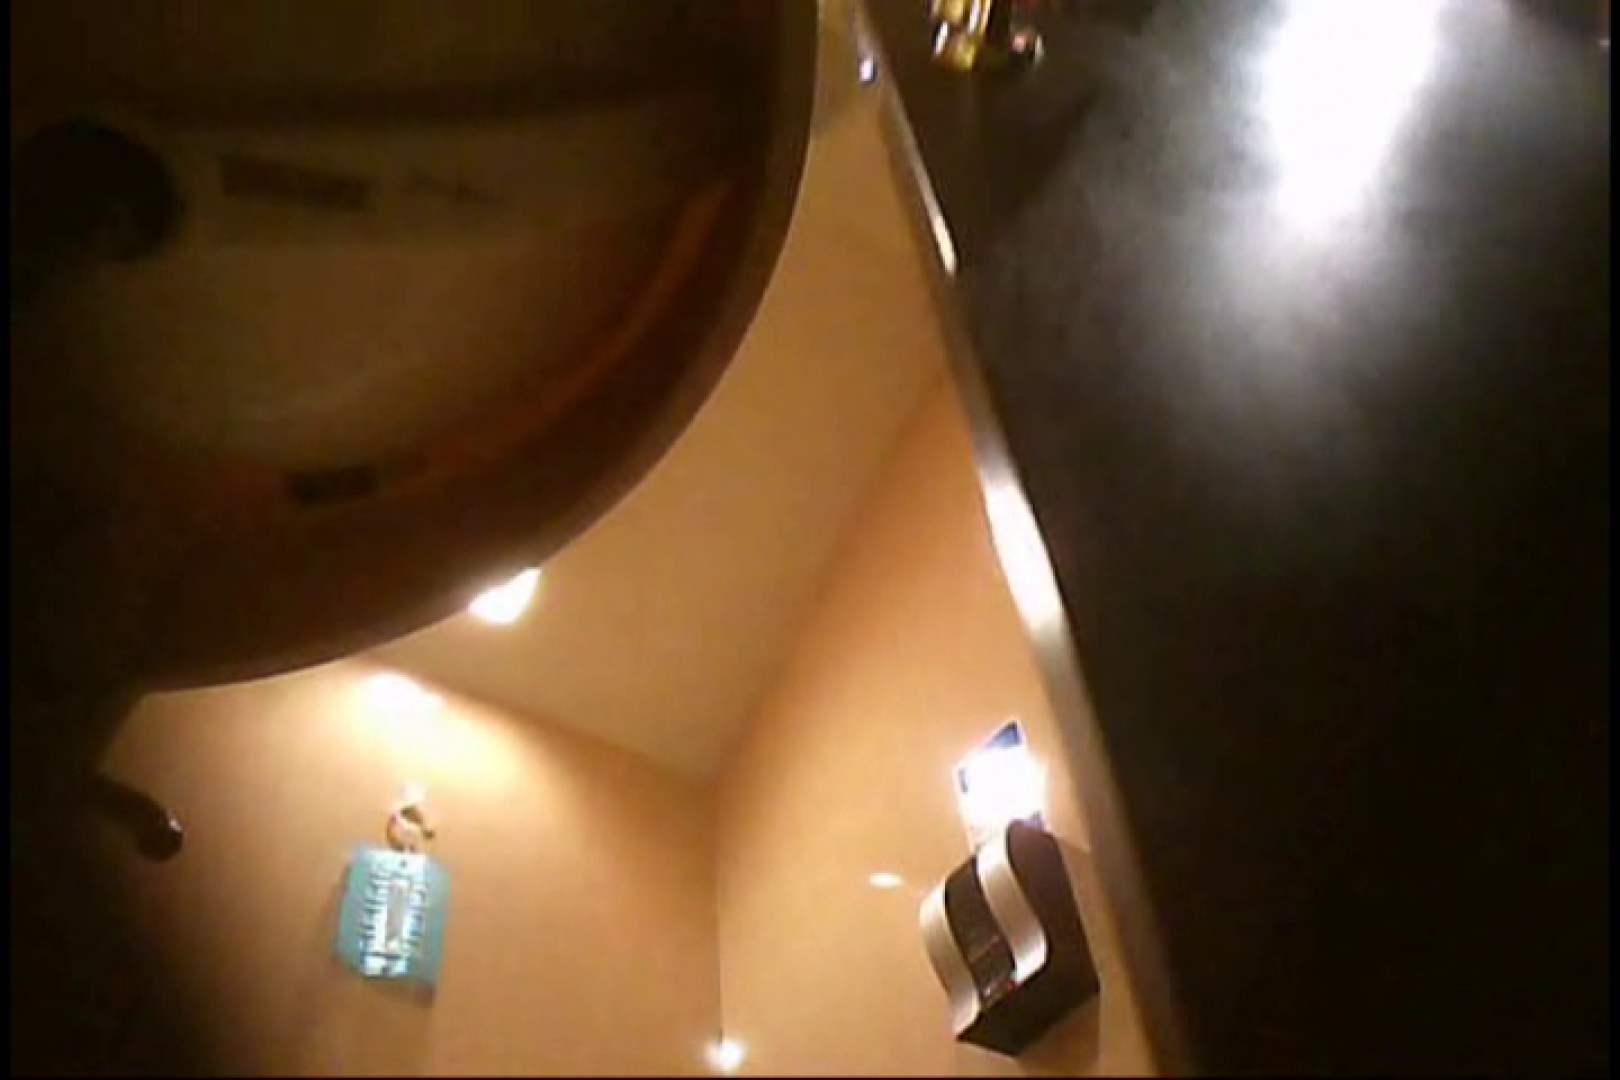 潜入!!女子化粧室盗撮~絶対見られたくない時間~vo,122 お尻 盗み撮り動画キャプチャ 105画像 82